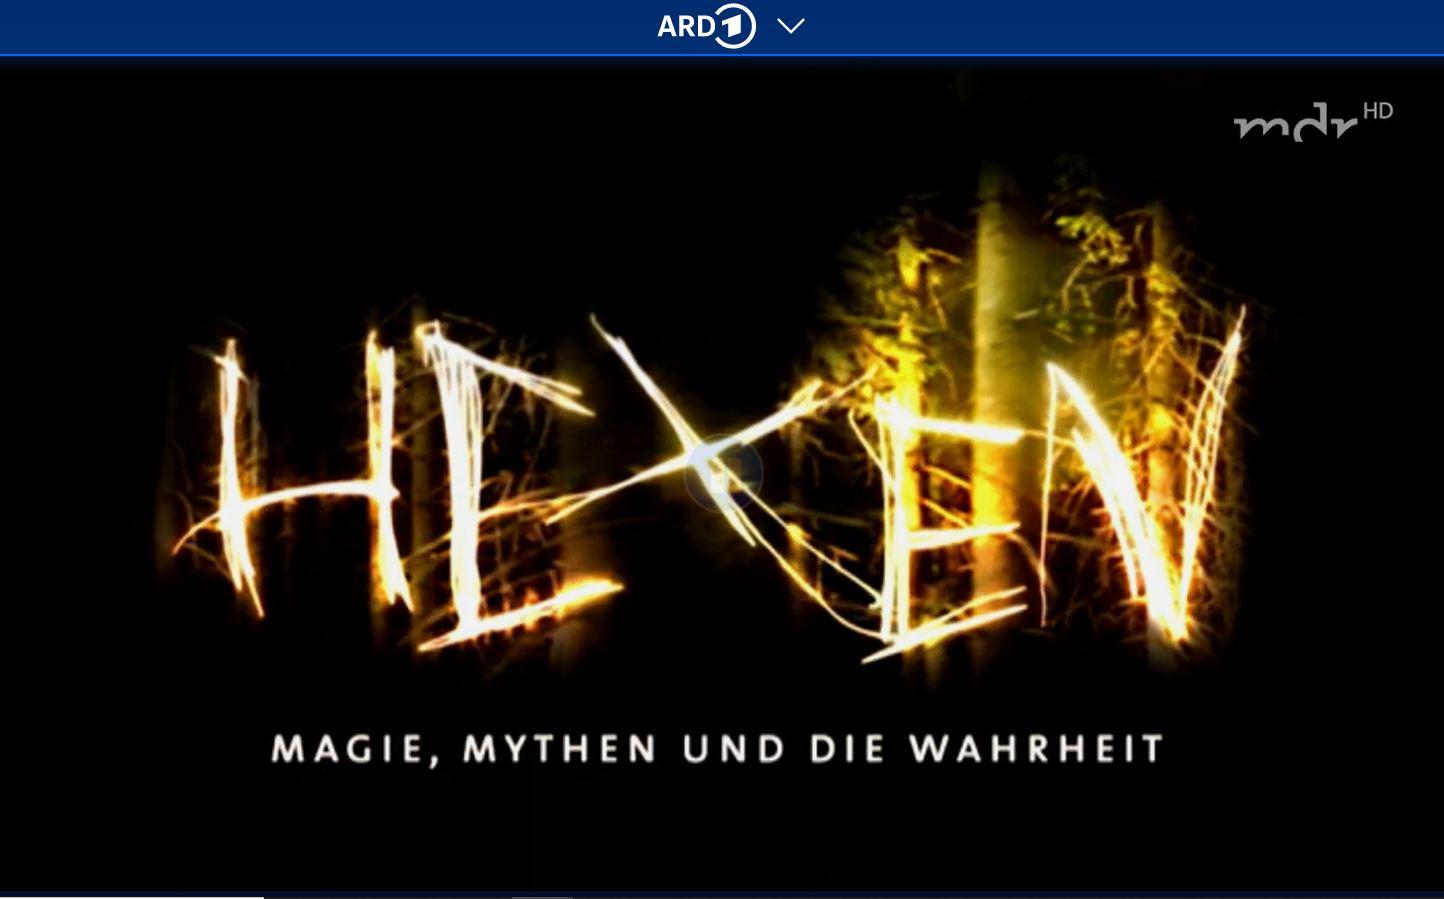 MDR-Doku: Hexen - Magie, Mythen und die Wahrheit (3 Teile)